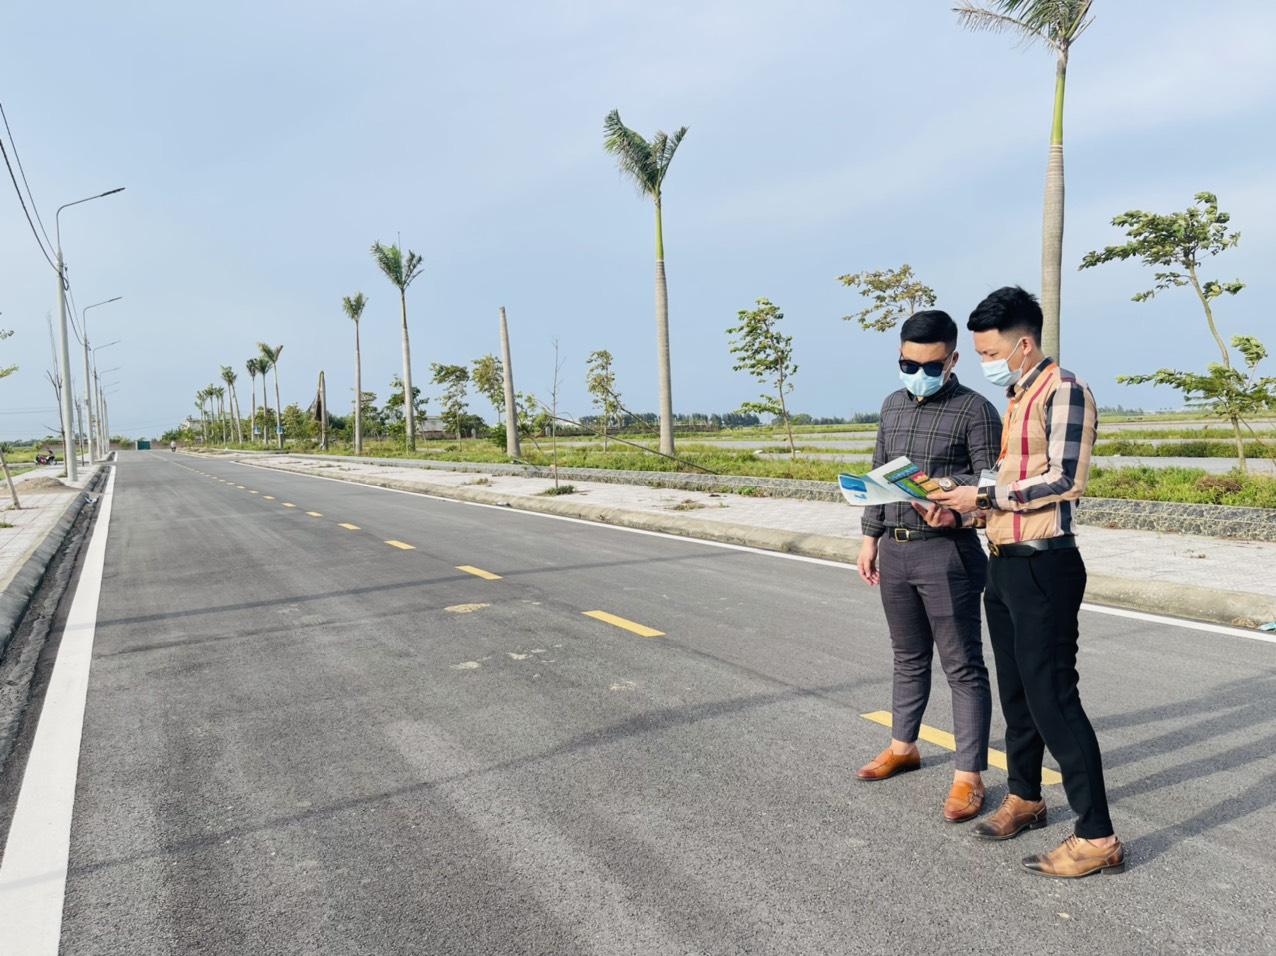 Siêu phẩm đất nền Tiền Hải Thái Bình ưu đãi 1.5tỷ/nền, chiết khấu 100tr, cạnh khu công nghiệp 460ha